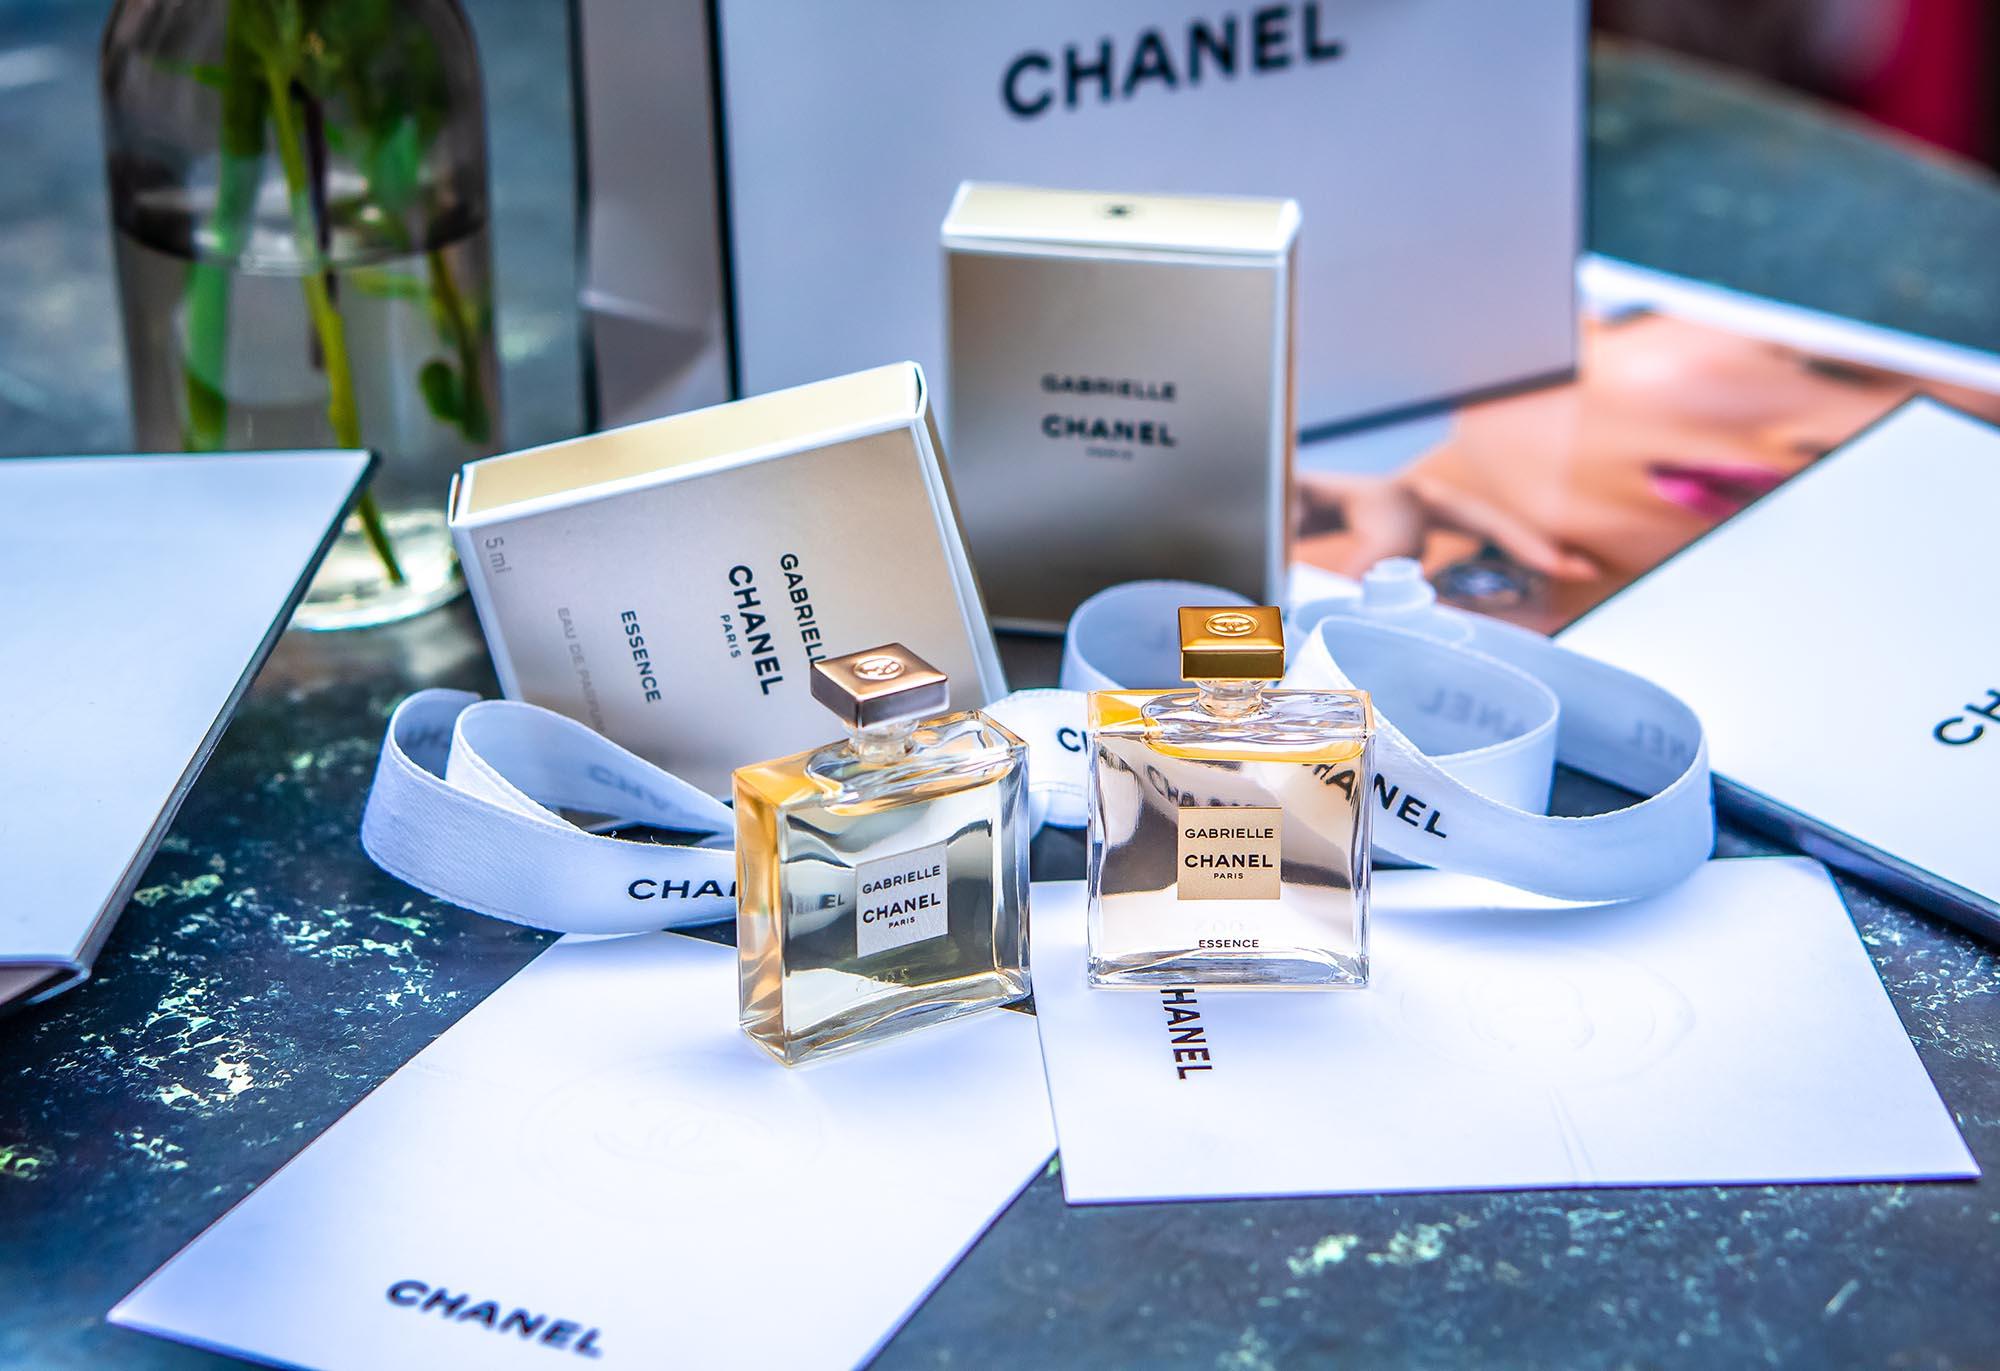 Parfüms im Vergleich: Gabrielle und Gabrielle Essence von Chanel